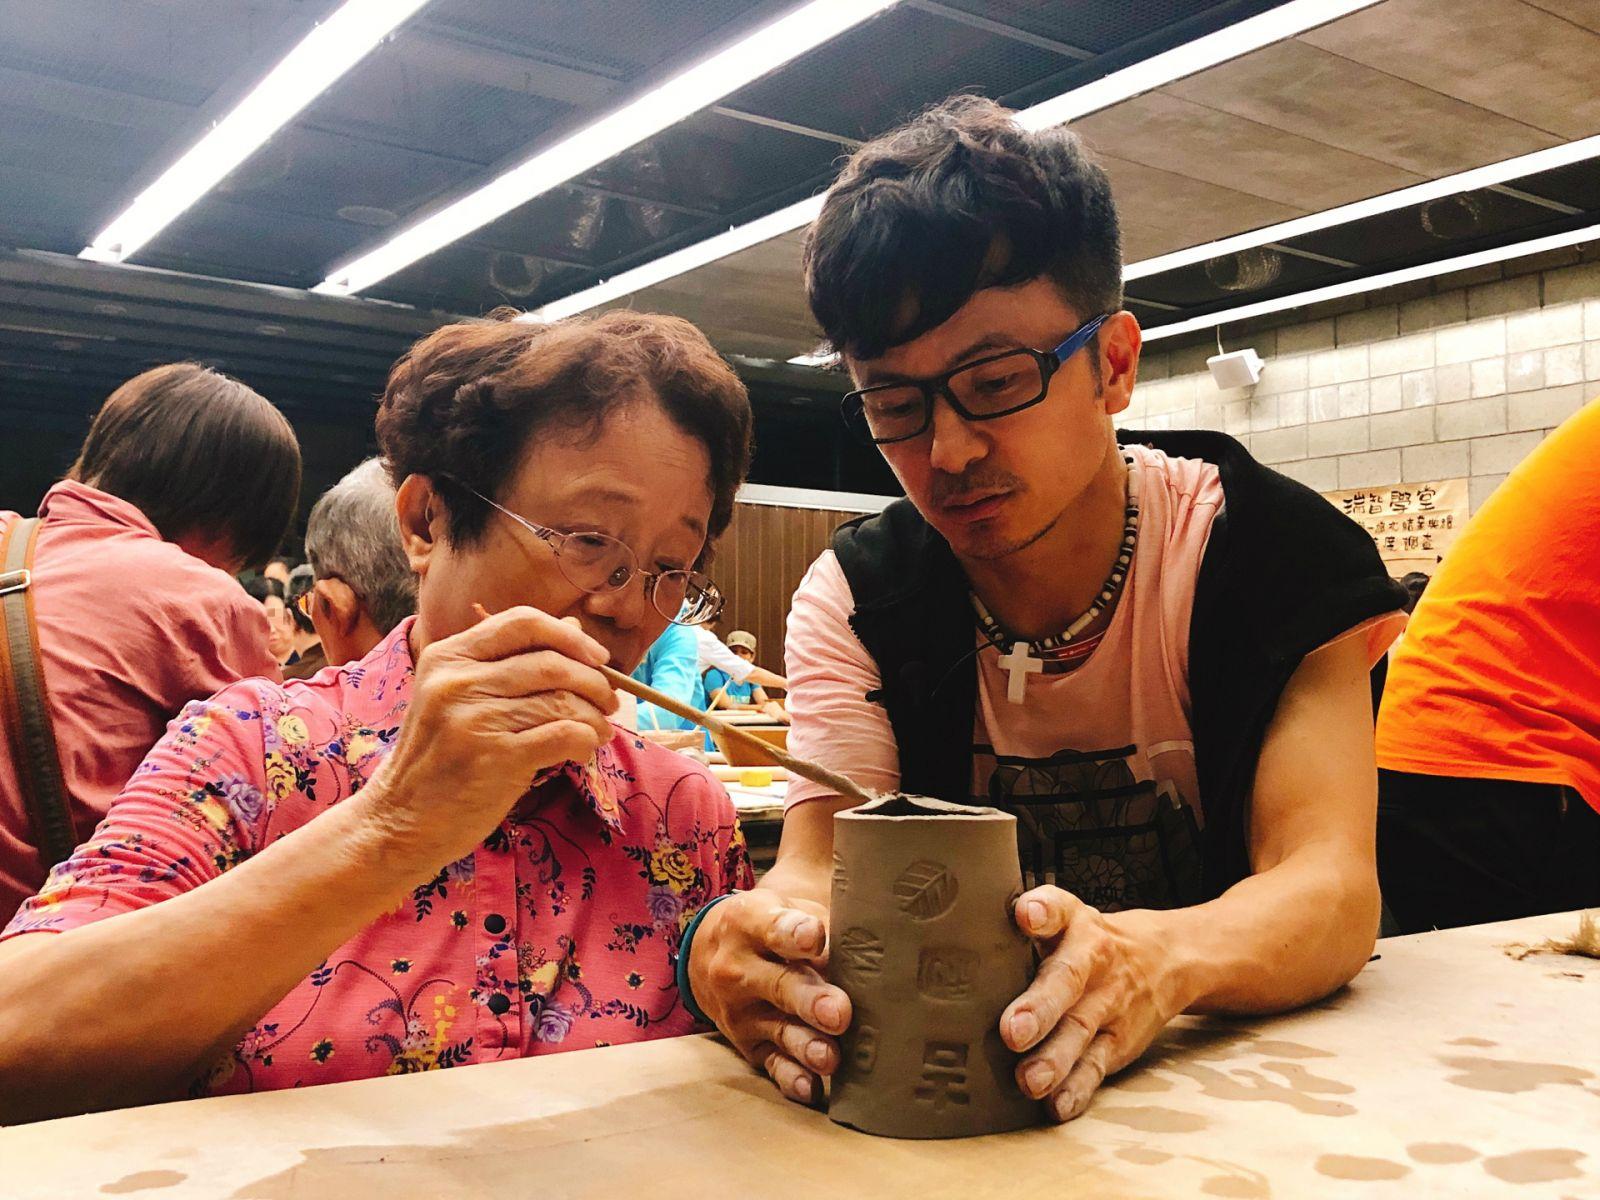 從從帶母親參加捏陶活動,一起製作陶杯,共享天倫之樂。